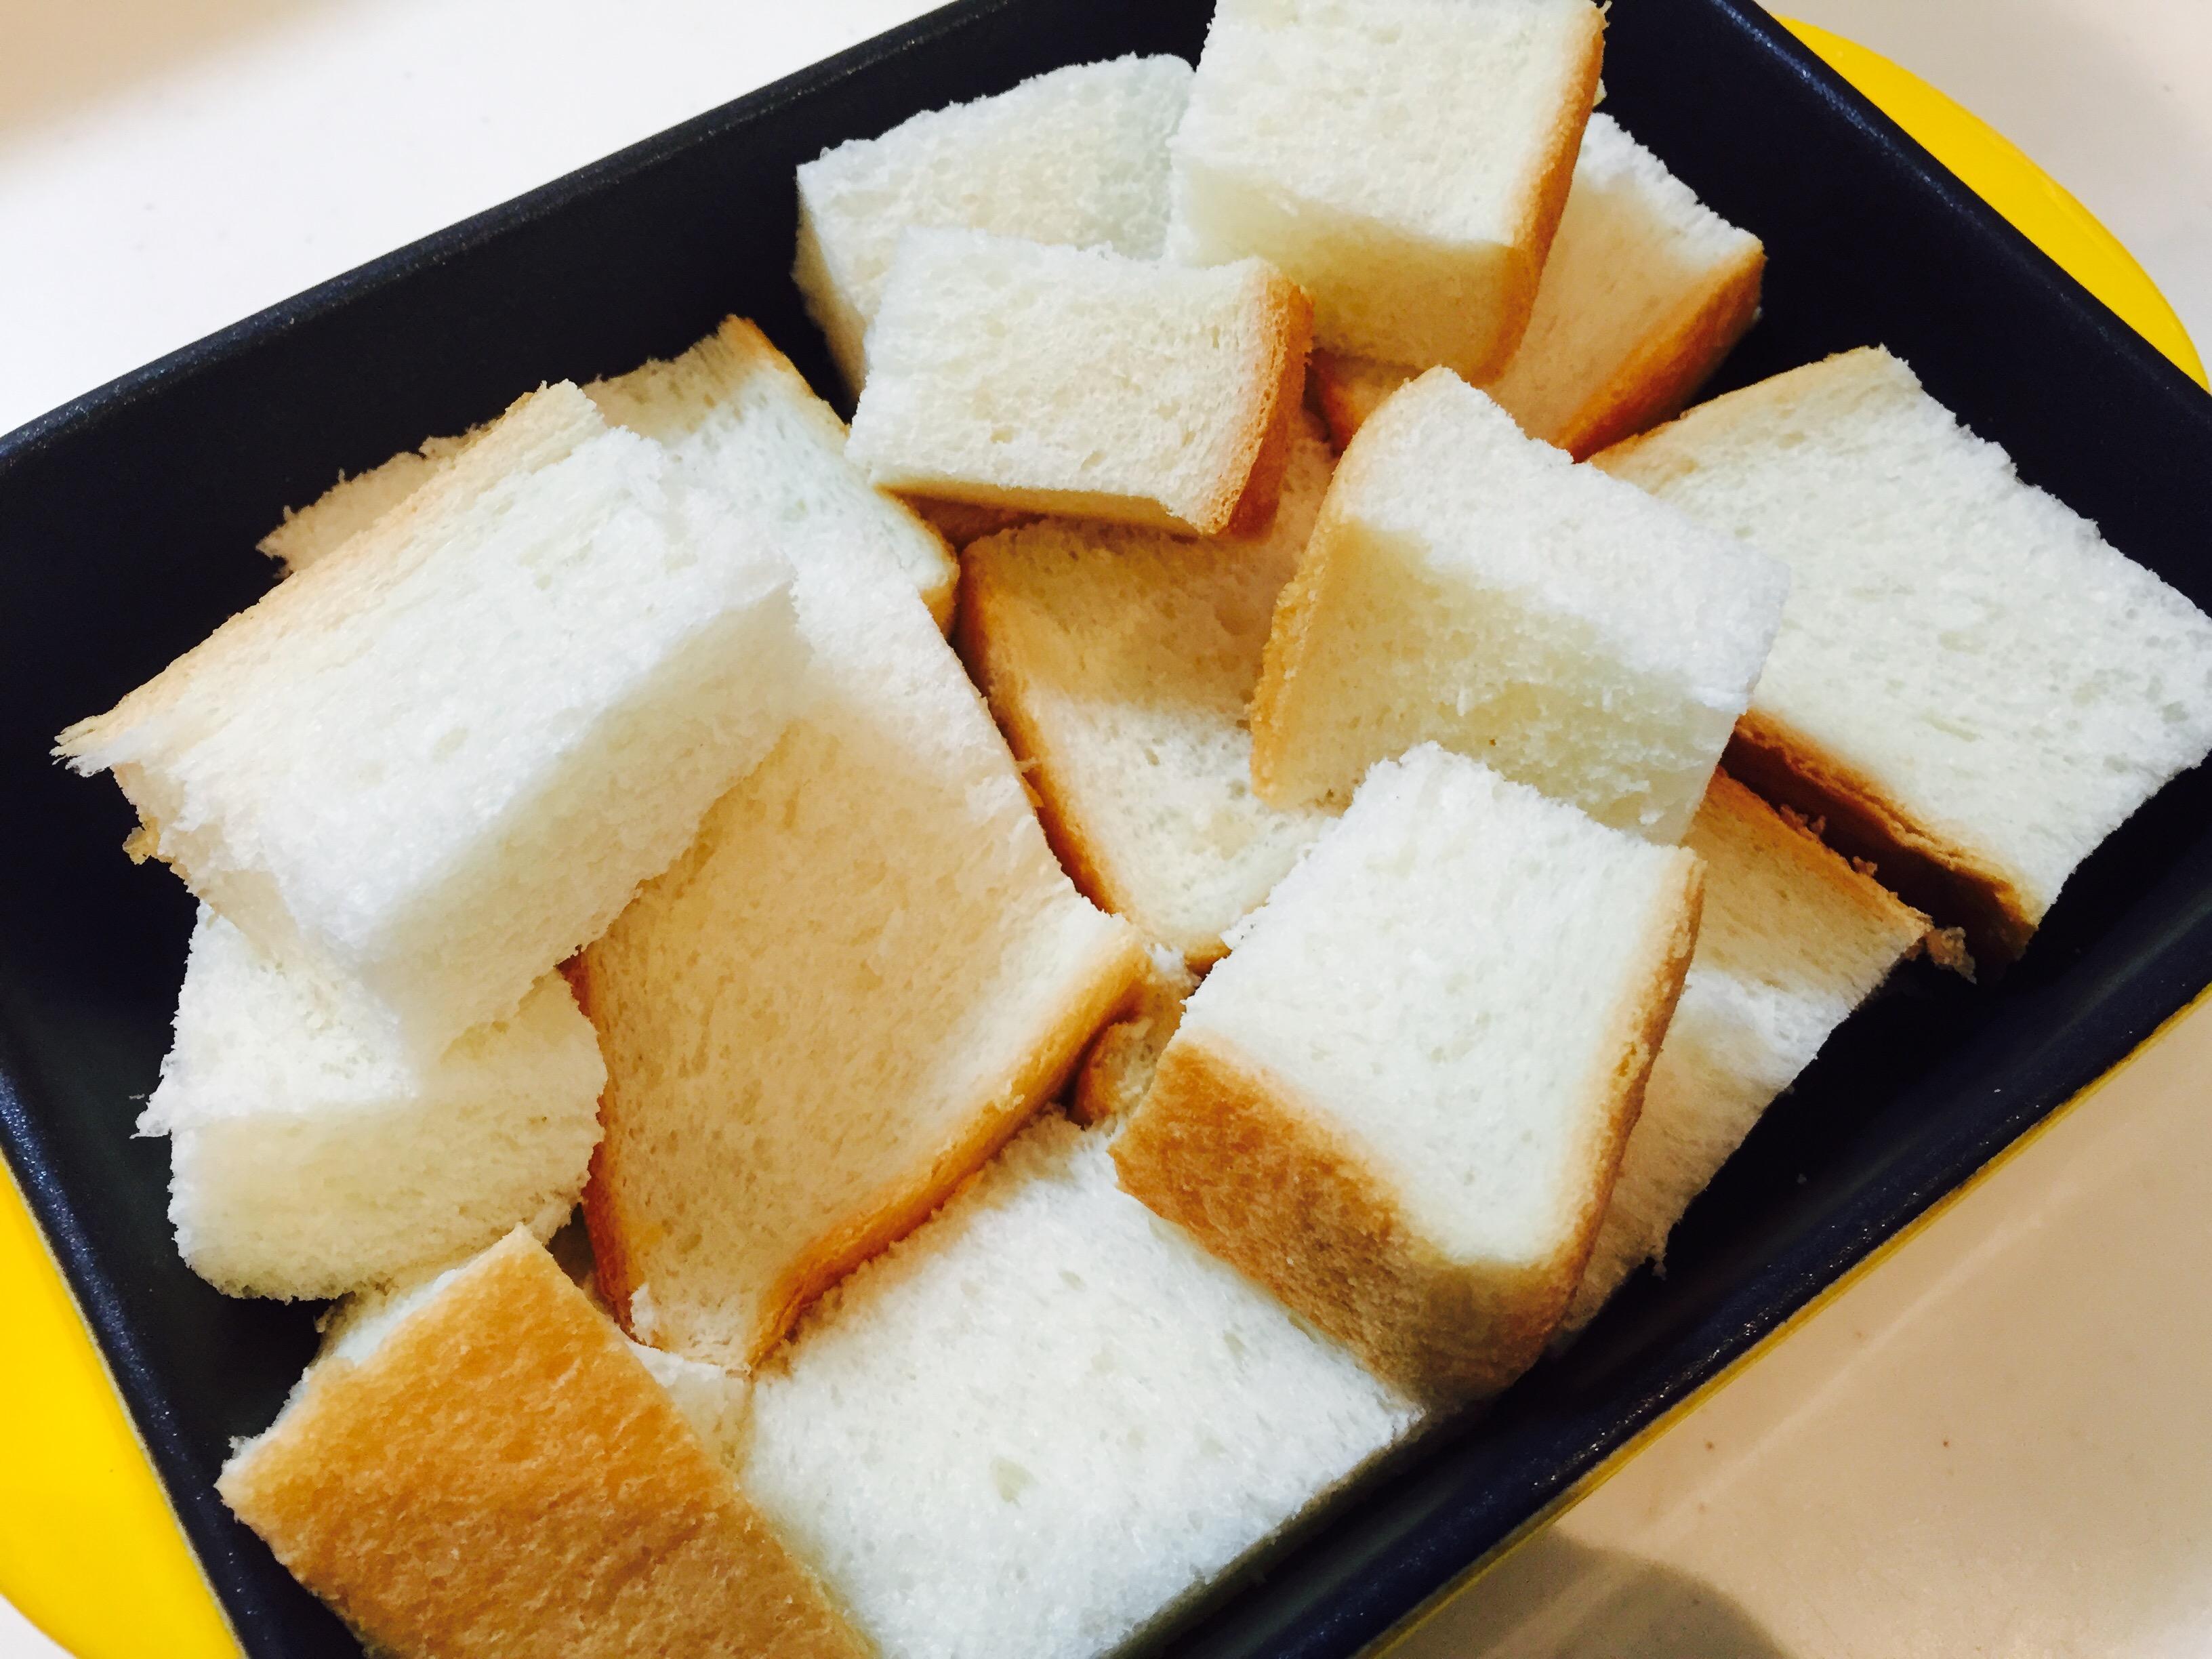 パンを一口大に切る